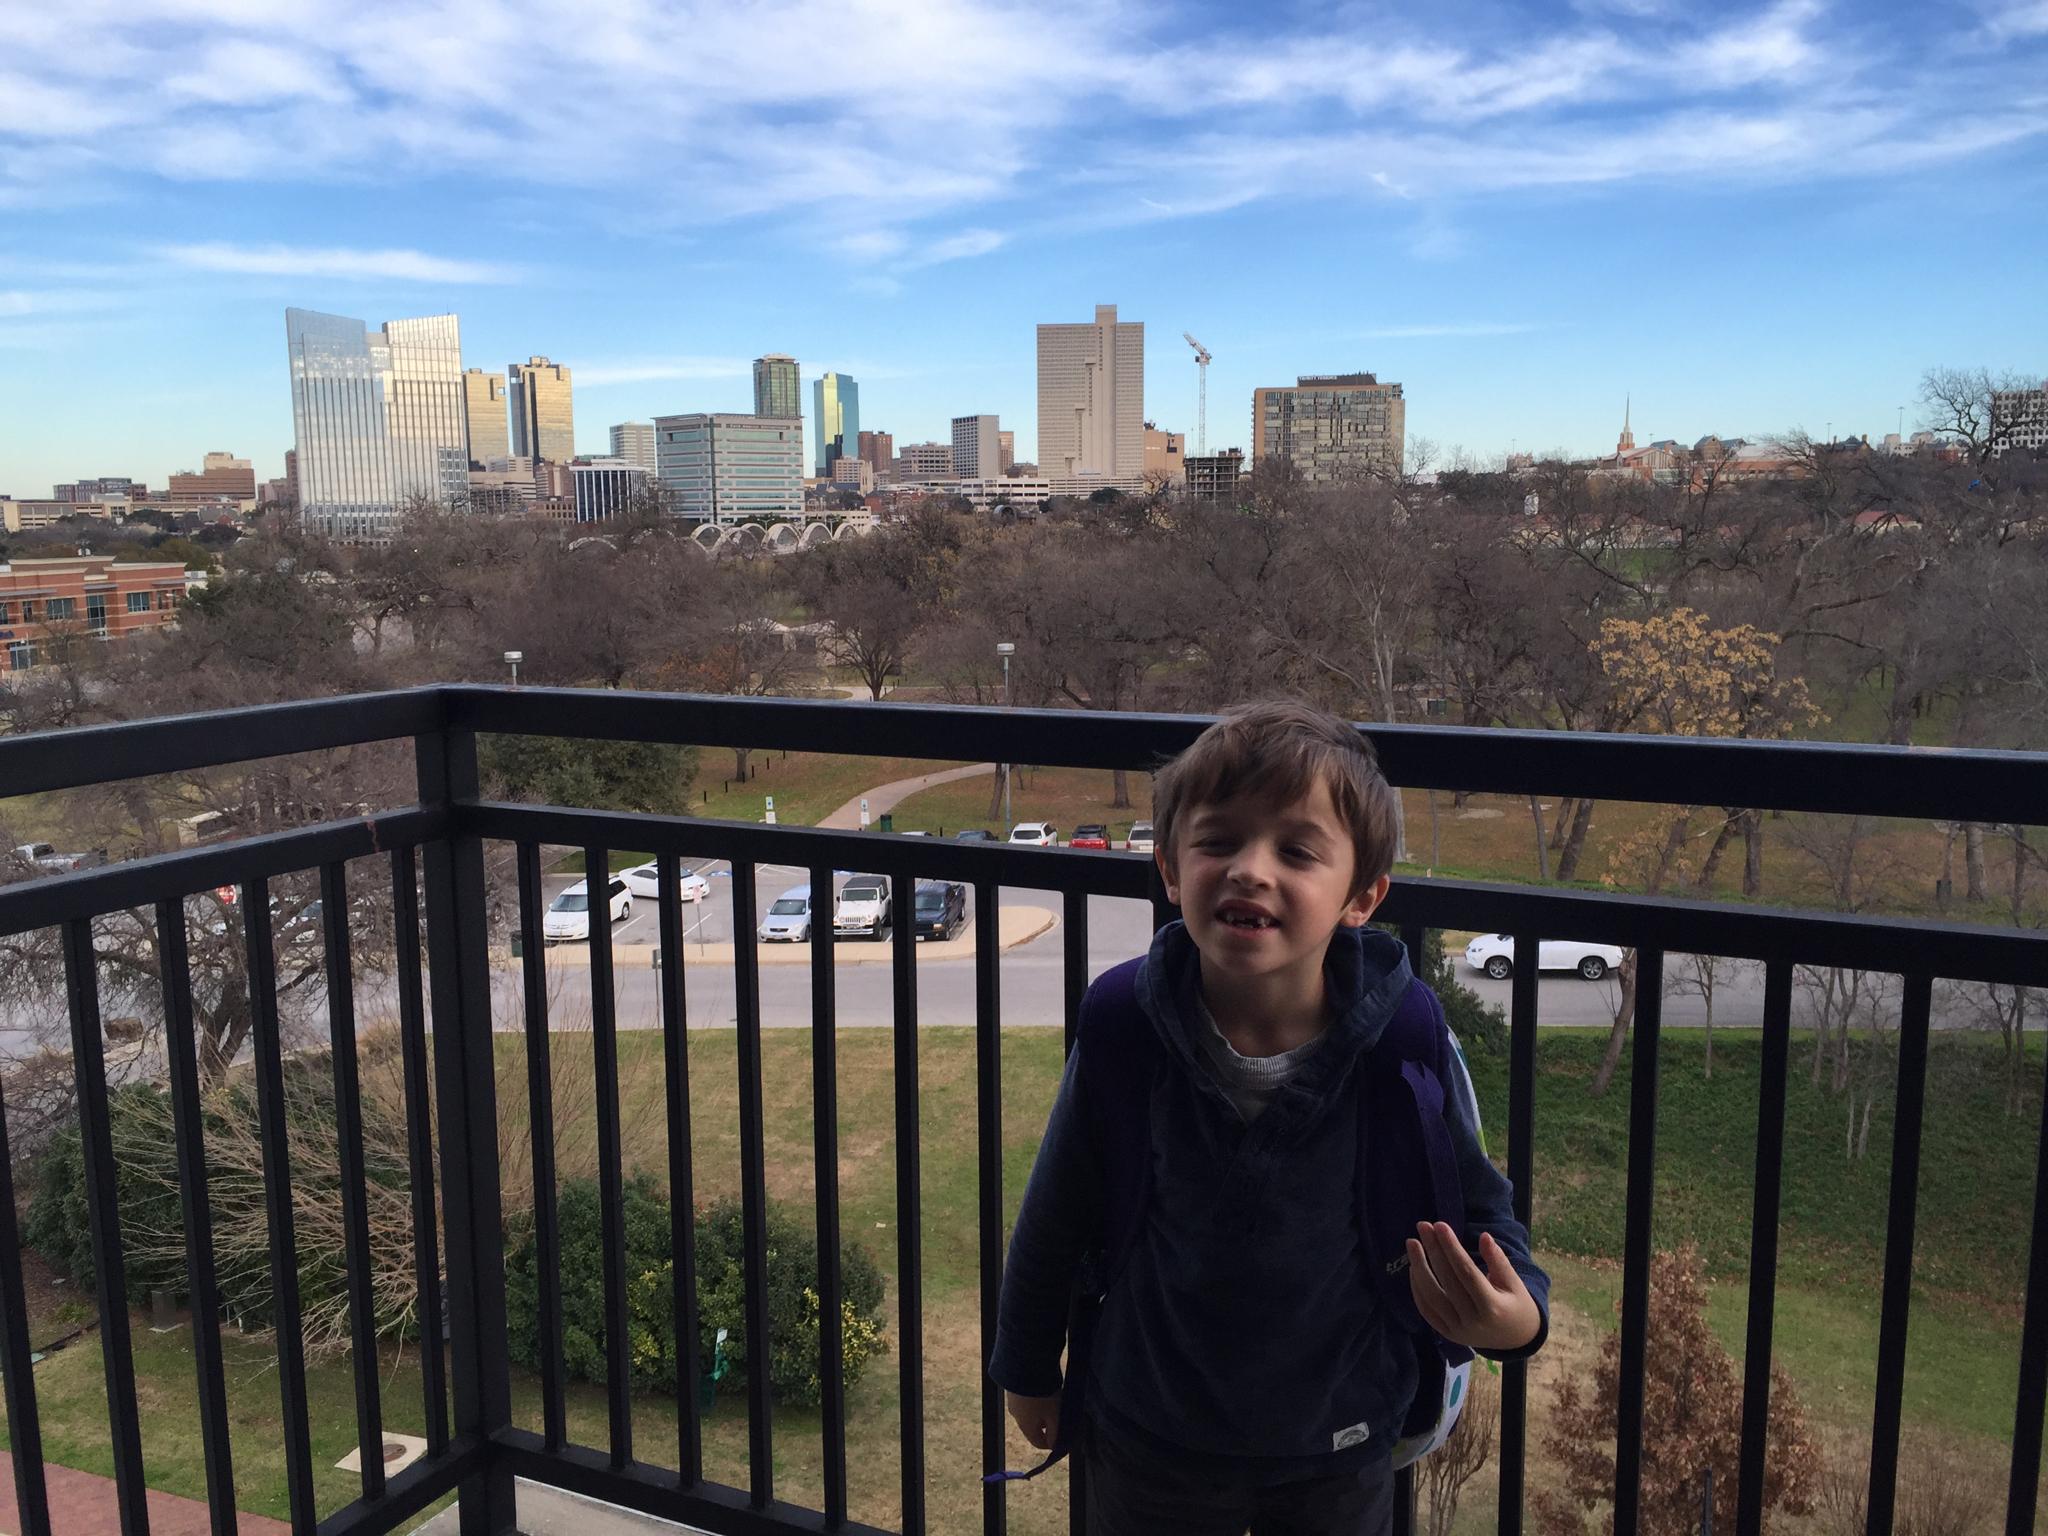 Un nét meu admirant el Downtown de Fort Worth des del meu balcó